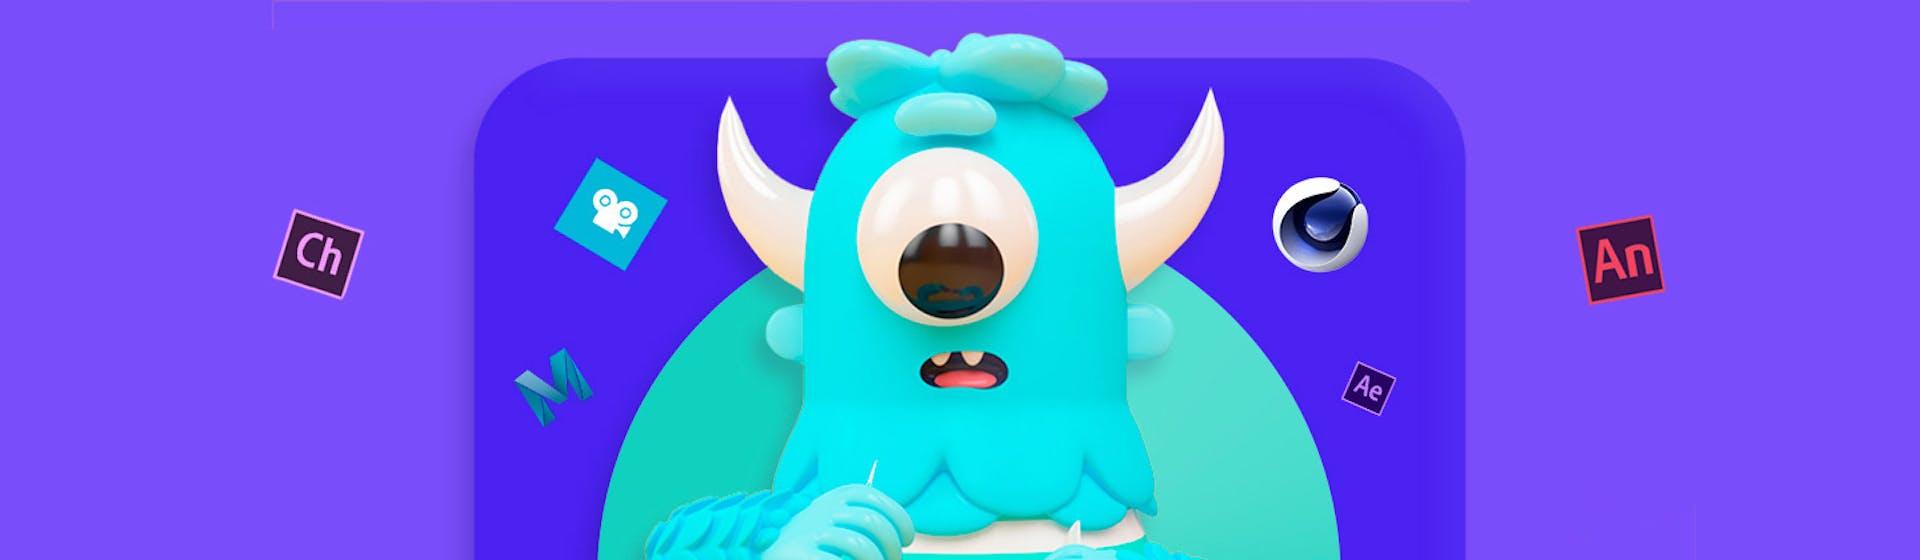 +10 software de animación 2D y 3D para hacer realidad las ideas guardadas en tu mente